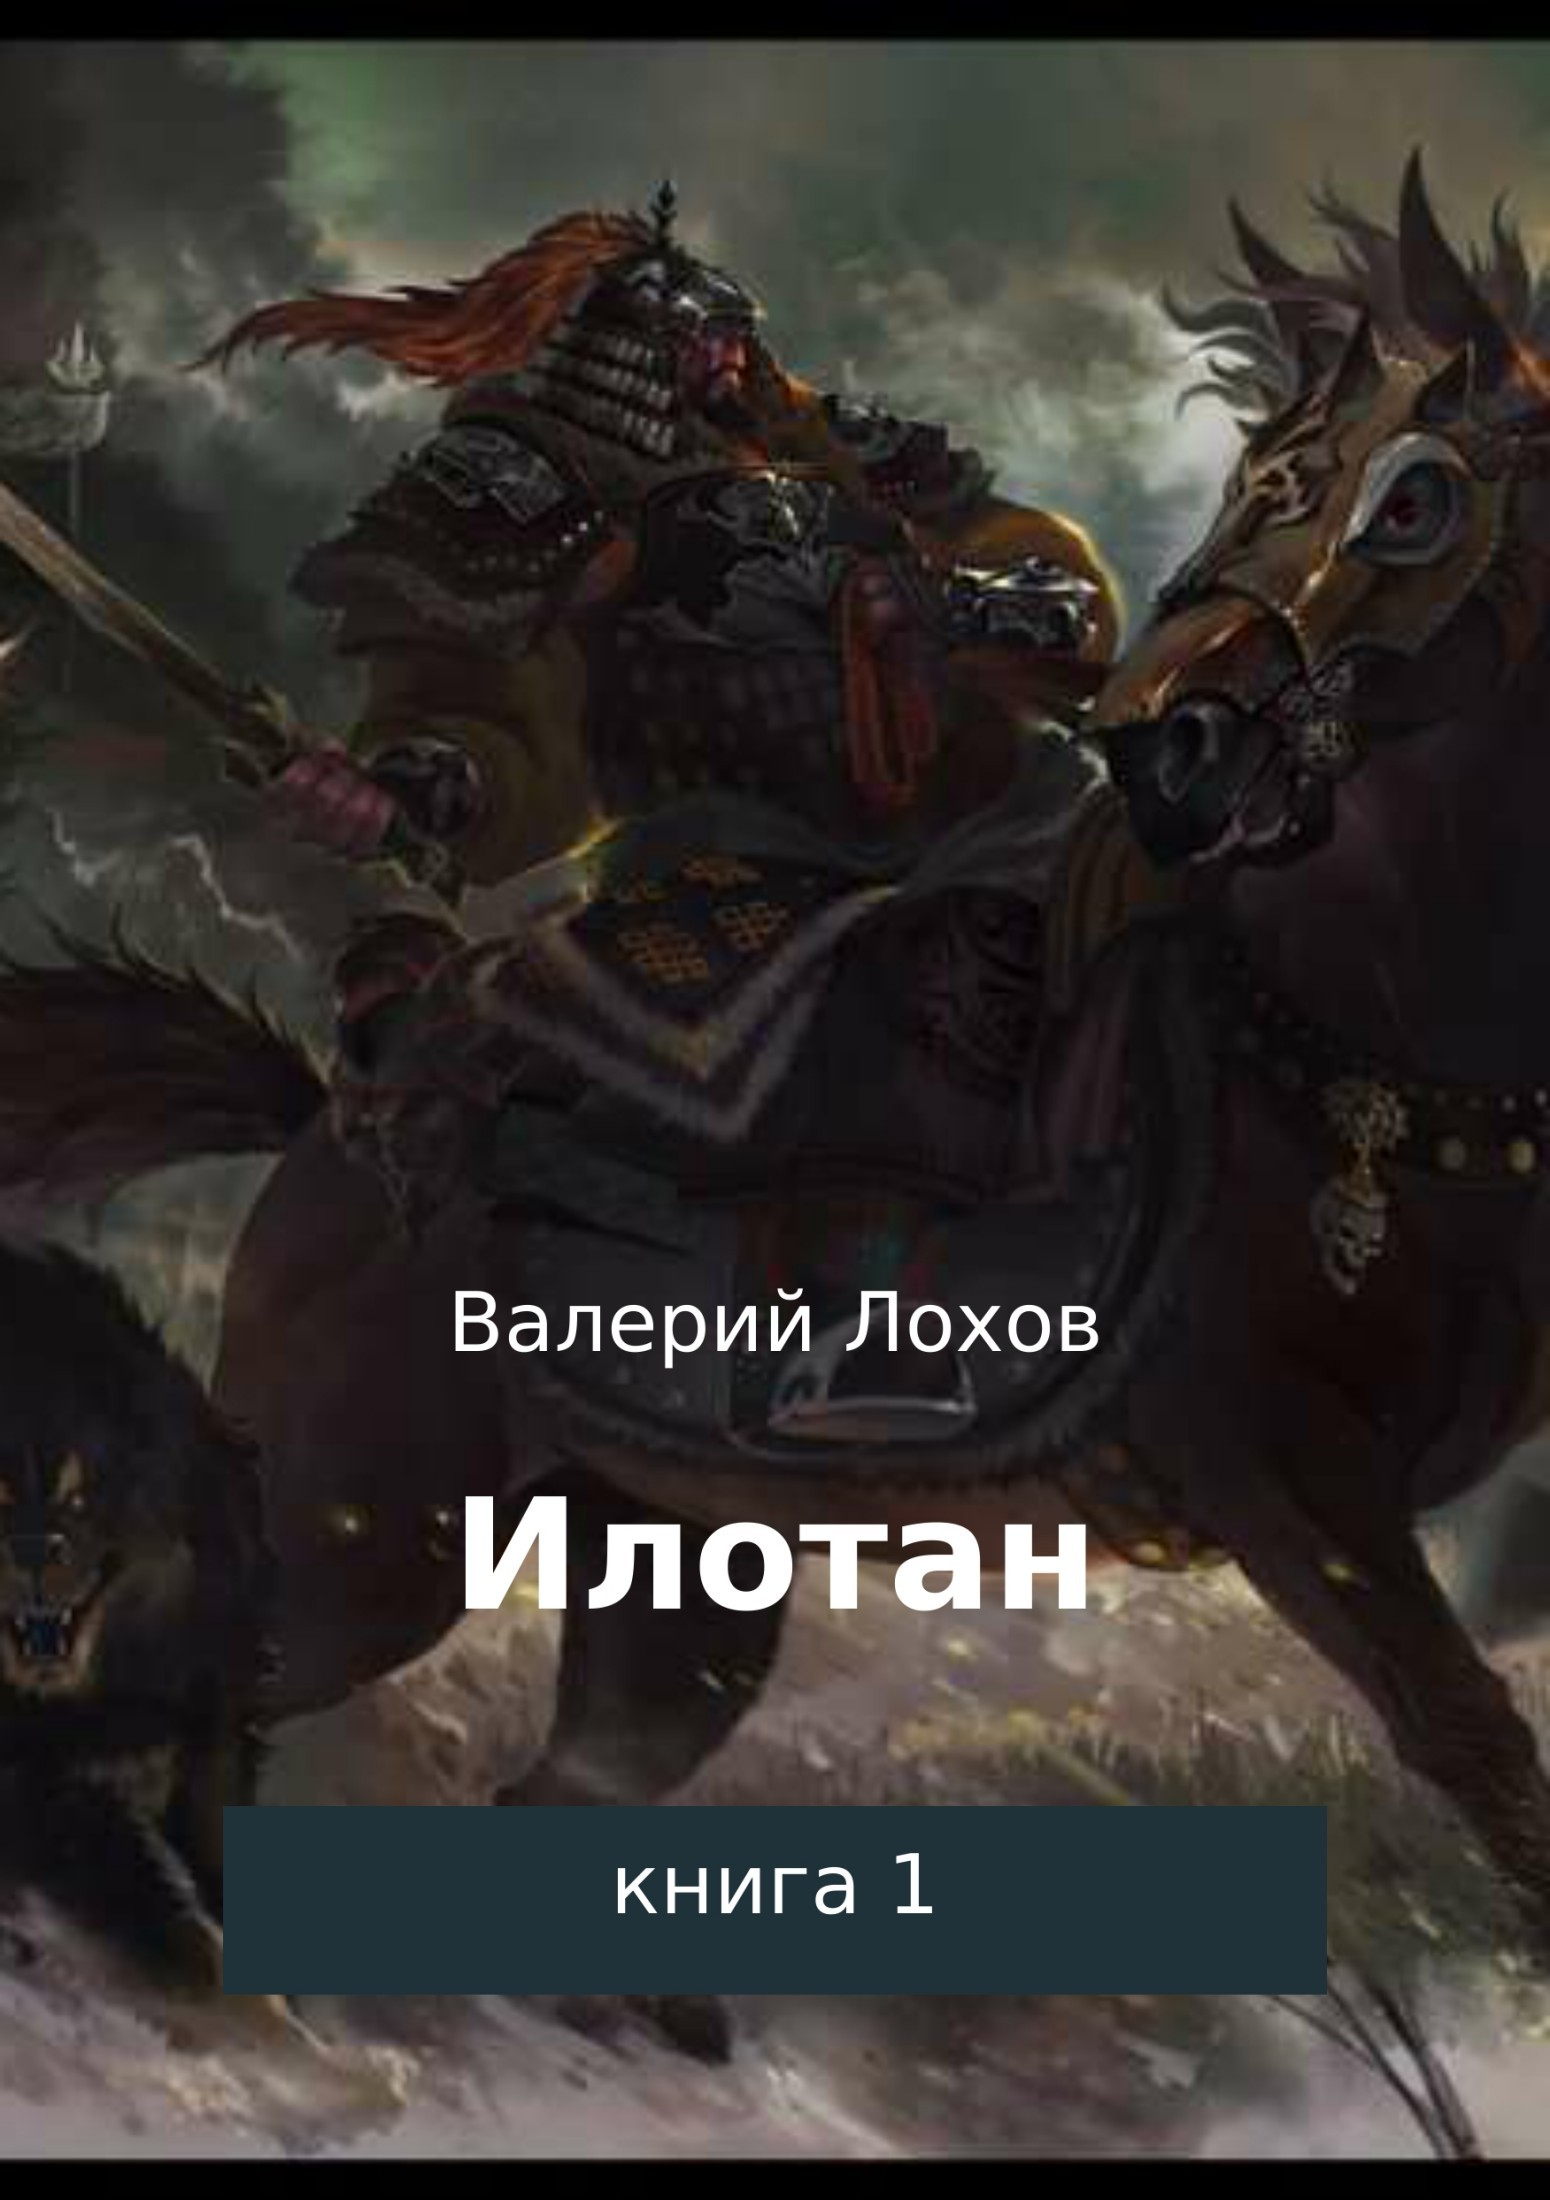 Валерий Владимирович Лохов Илотан. Книга 1 валерий лохов сказки из сибири сборник